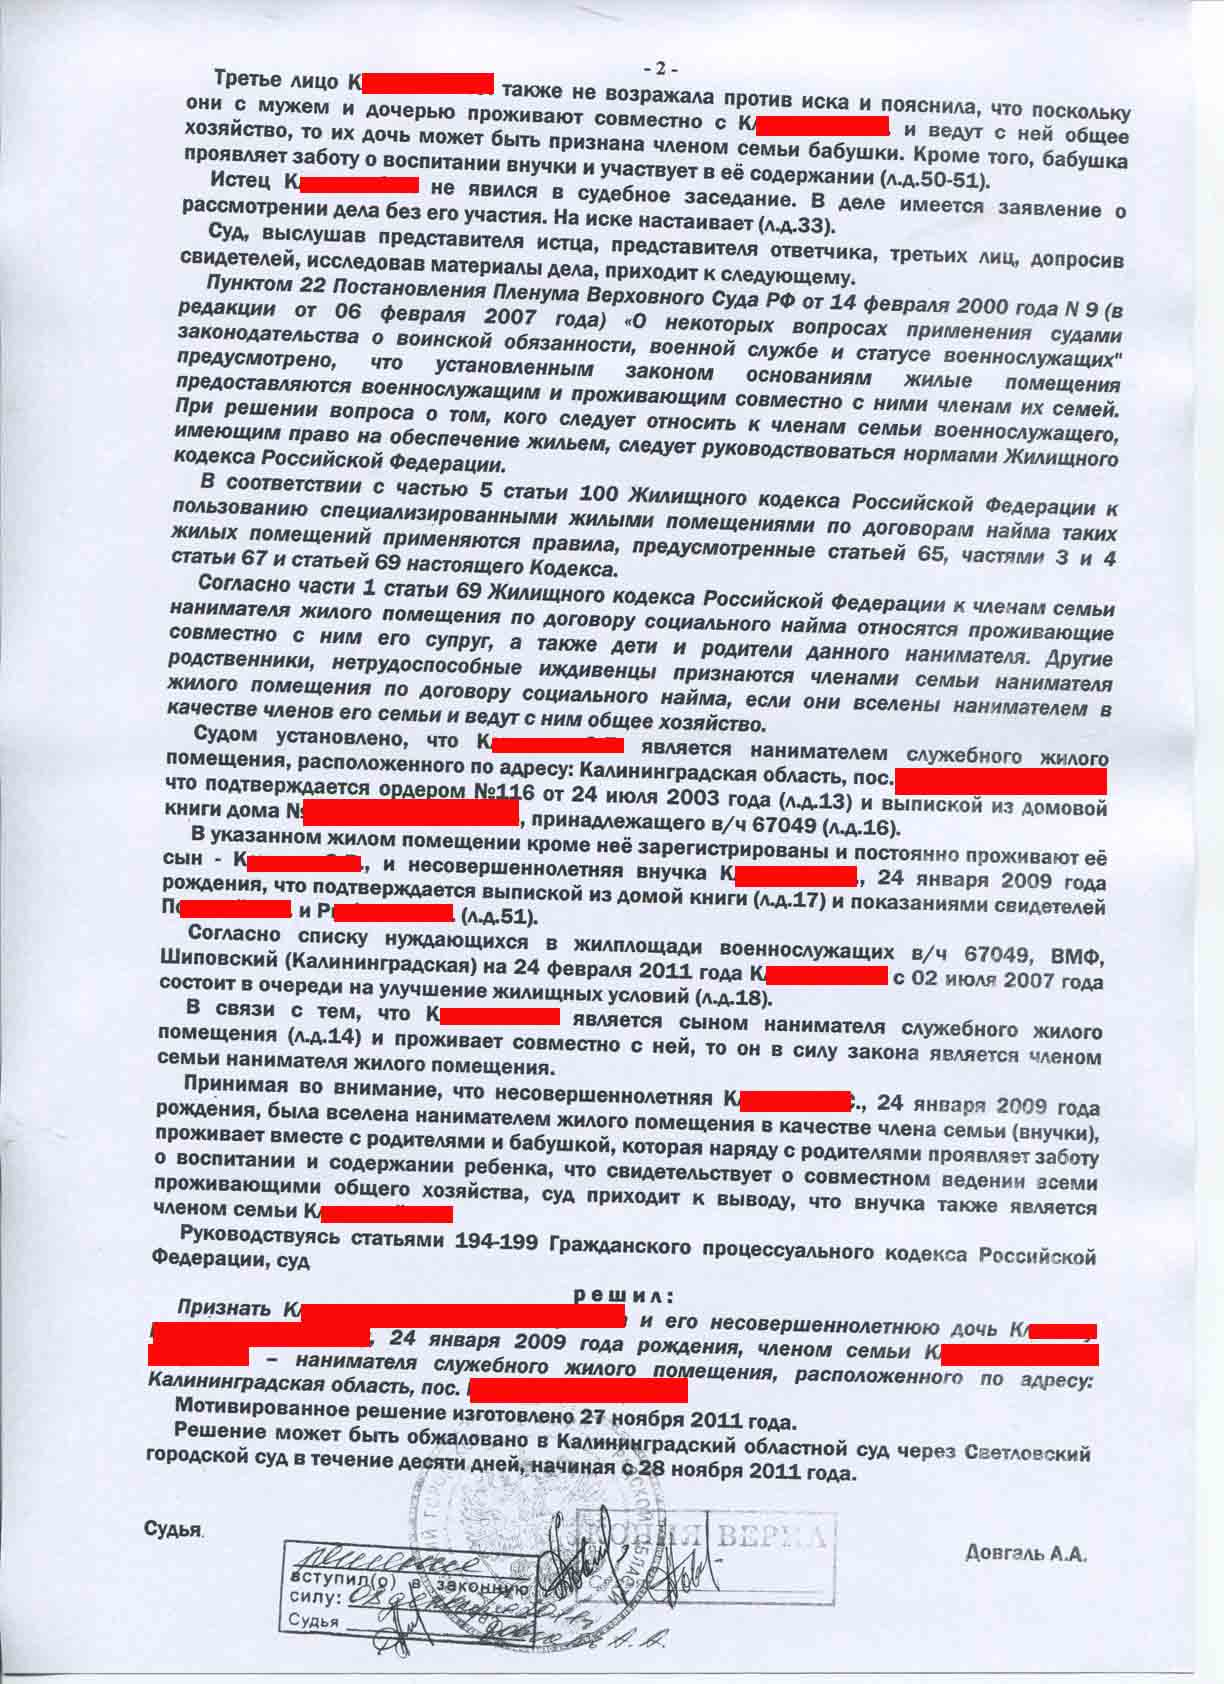 kto-yavlyaetsya-chlenom-semi-voennosluzhashego